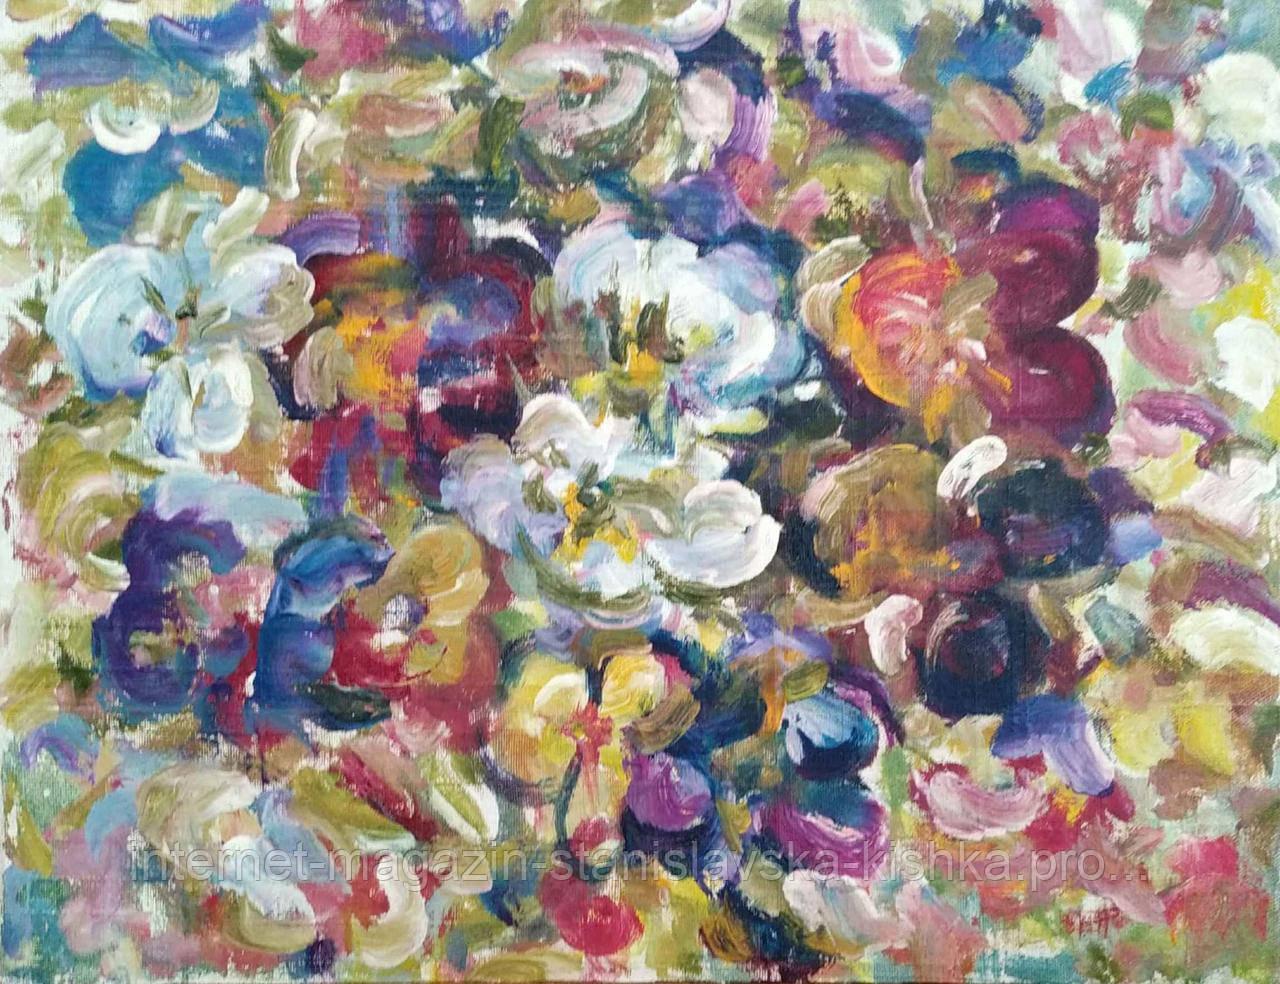 Картина БРАТЧИКИ ВІОЛА натюрморт полотно, олія 40 * 30